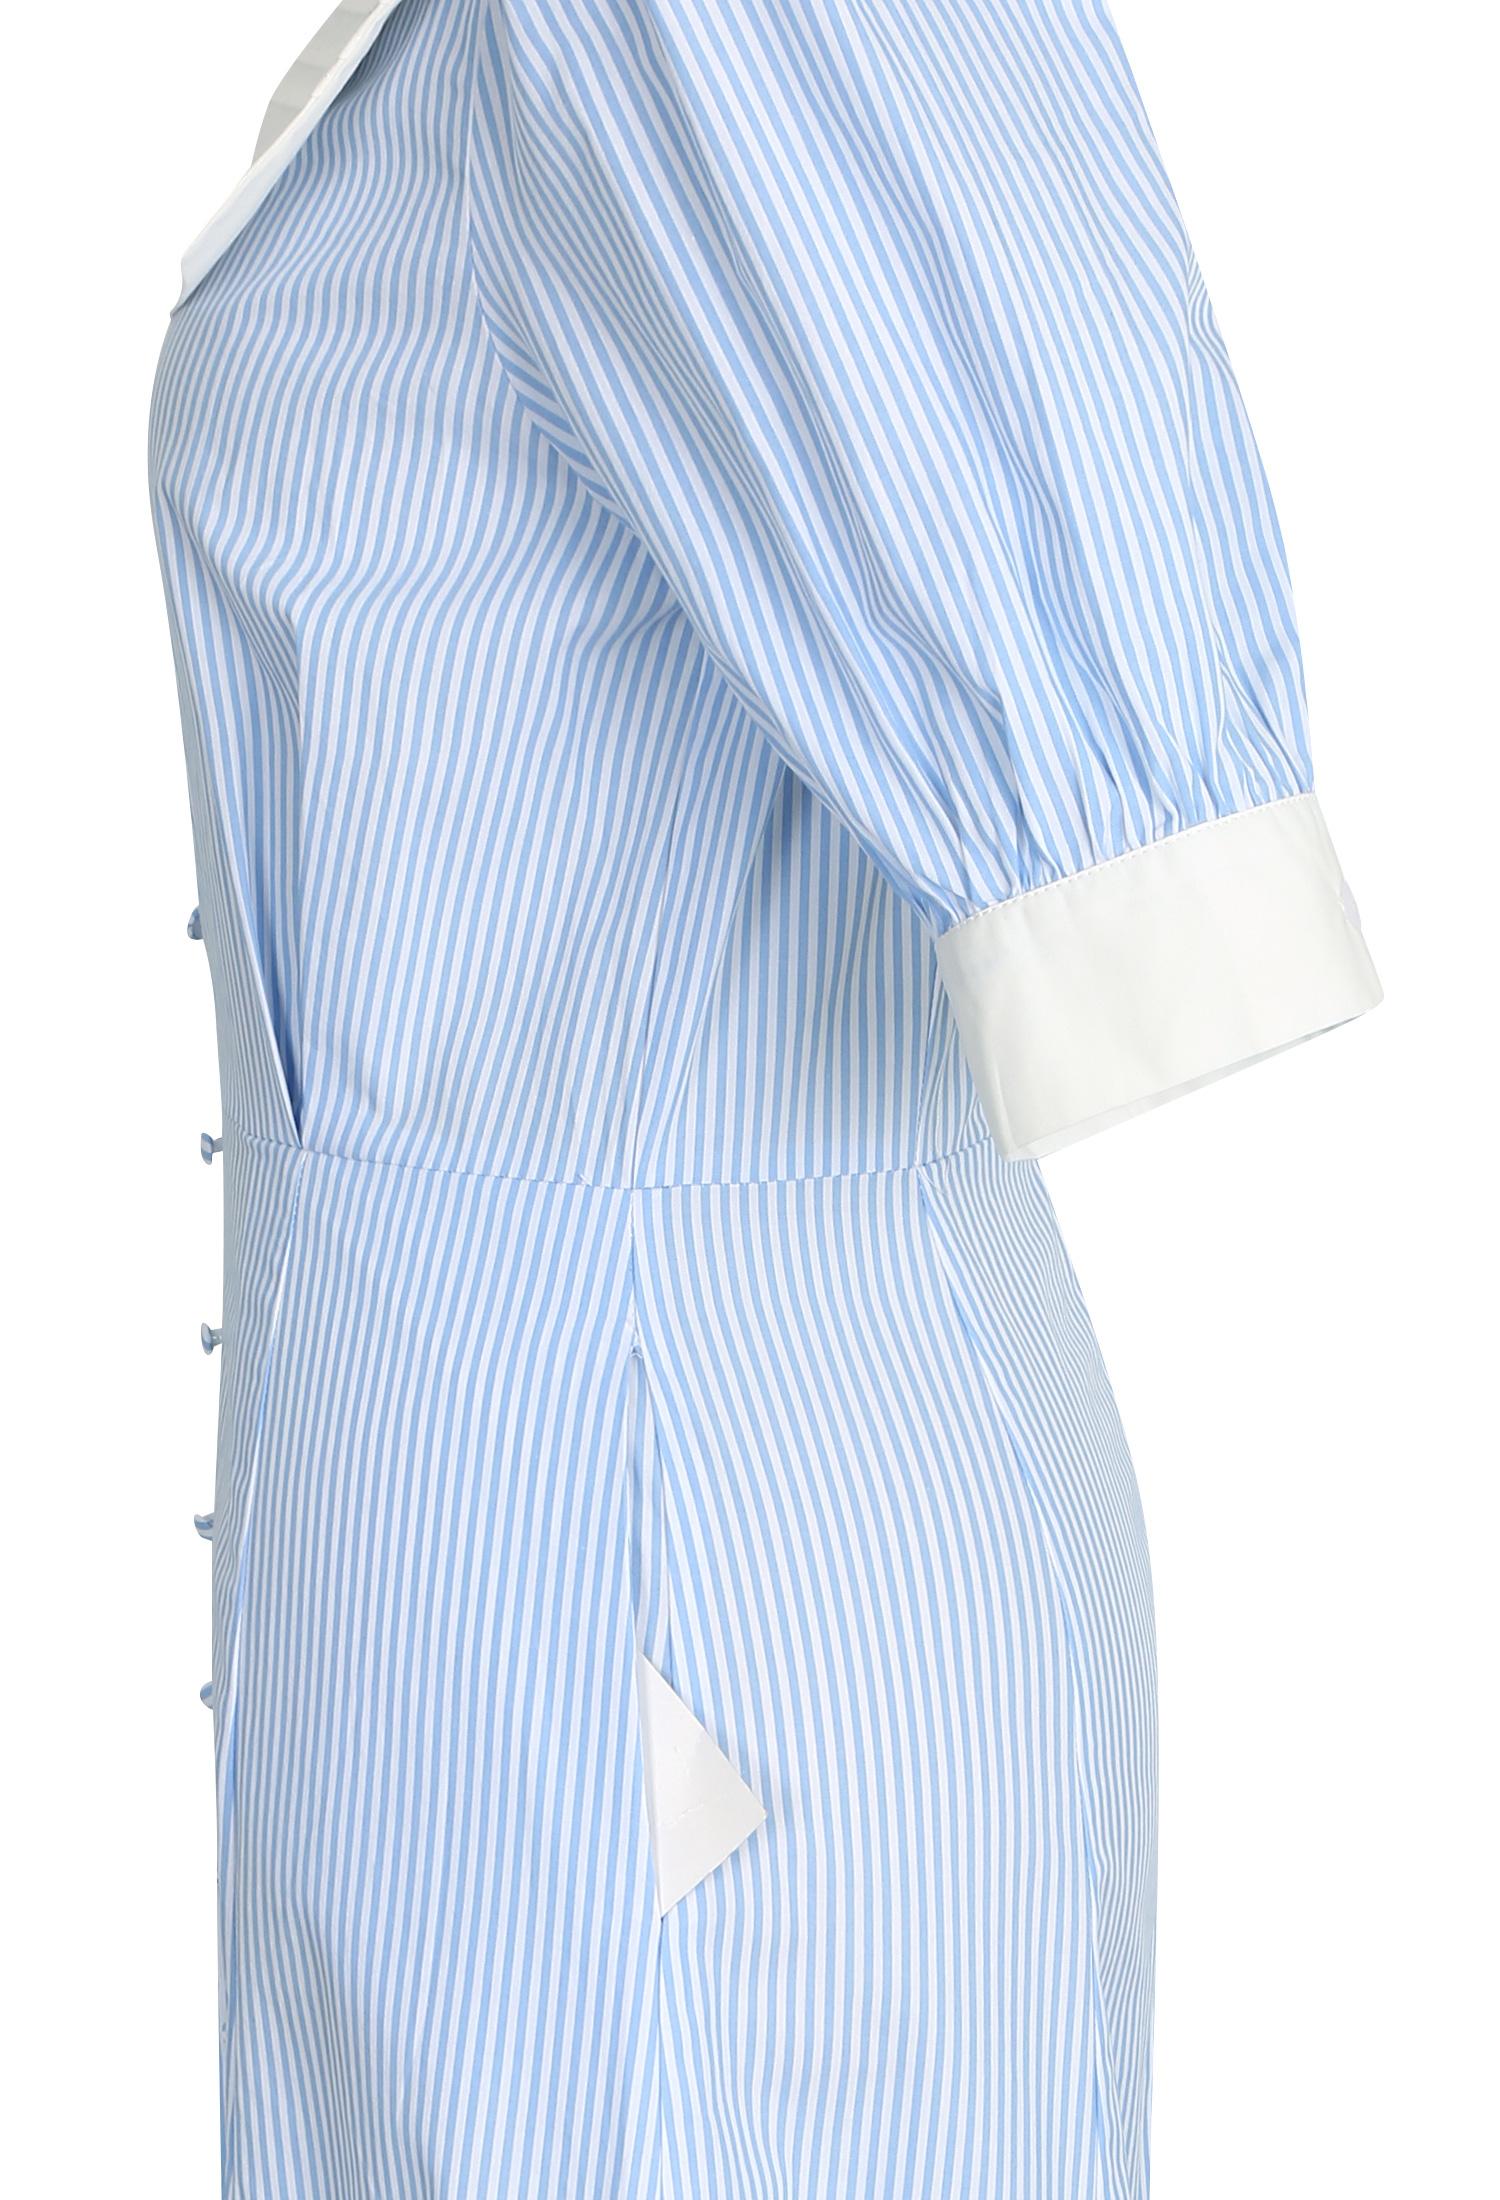 칼라 포인트 스트라이프 원피스 (BLUE)